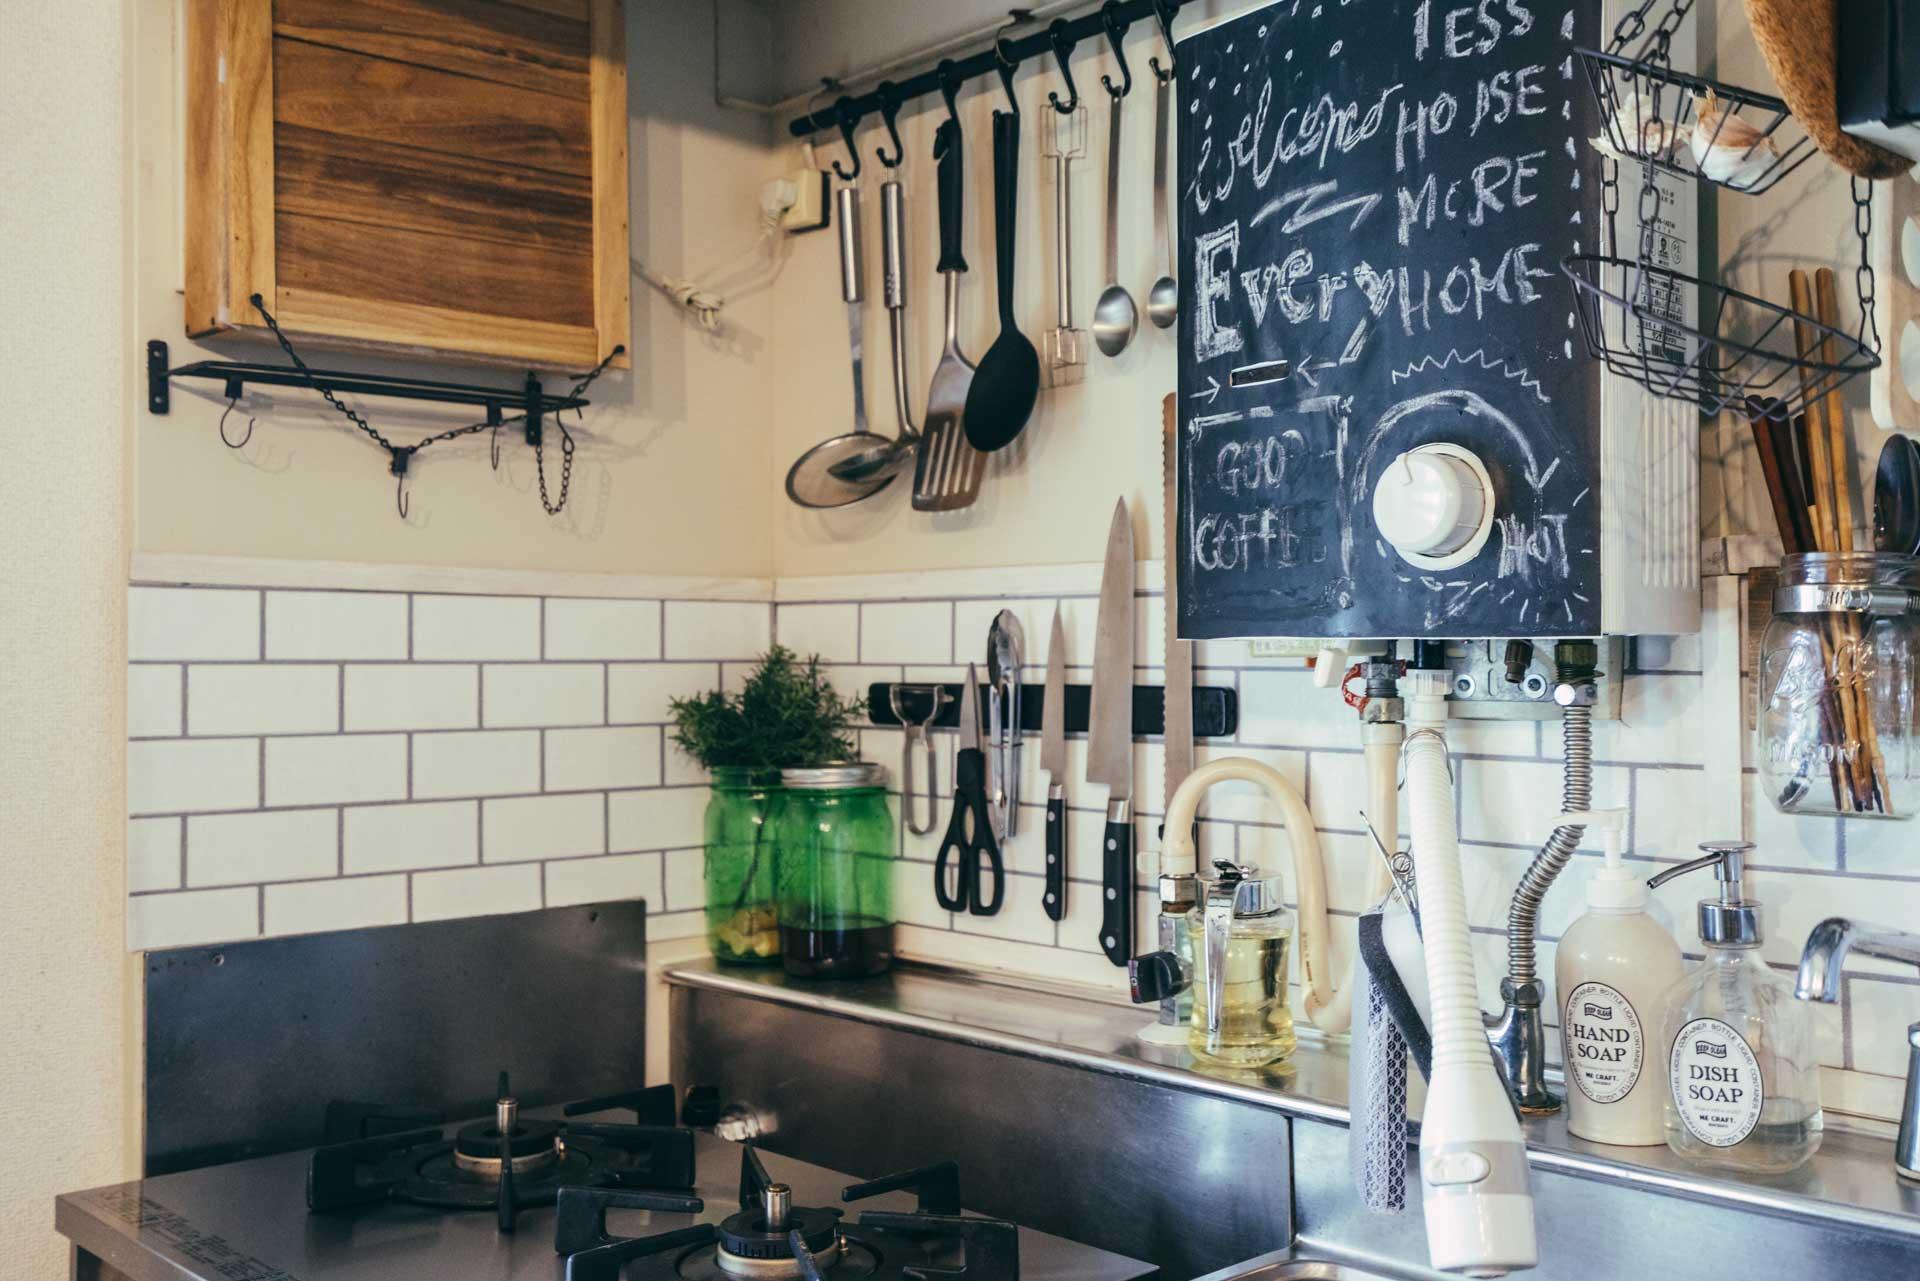 キッチンの壁はマグネットがつけられる素材だったので、タイルのシートはマグネットシートで貼り付け。